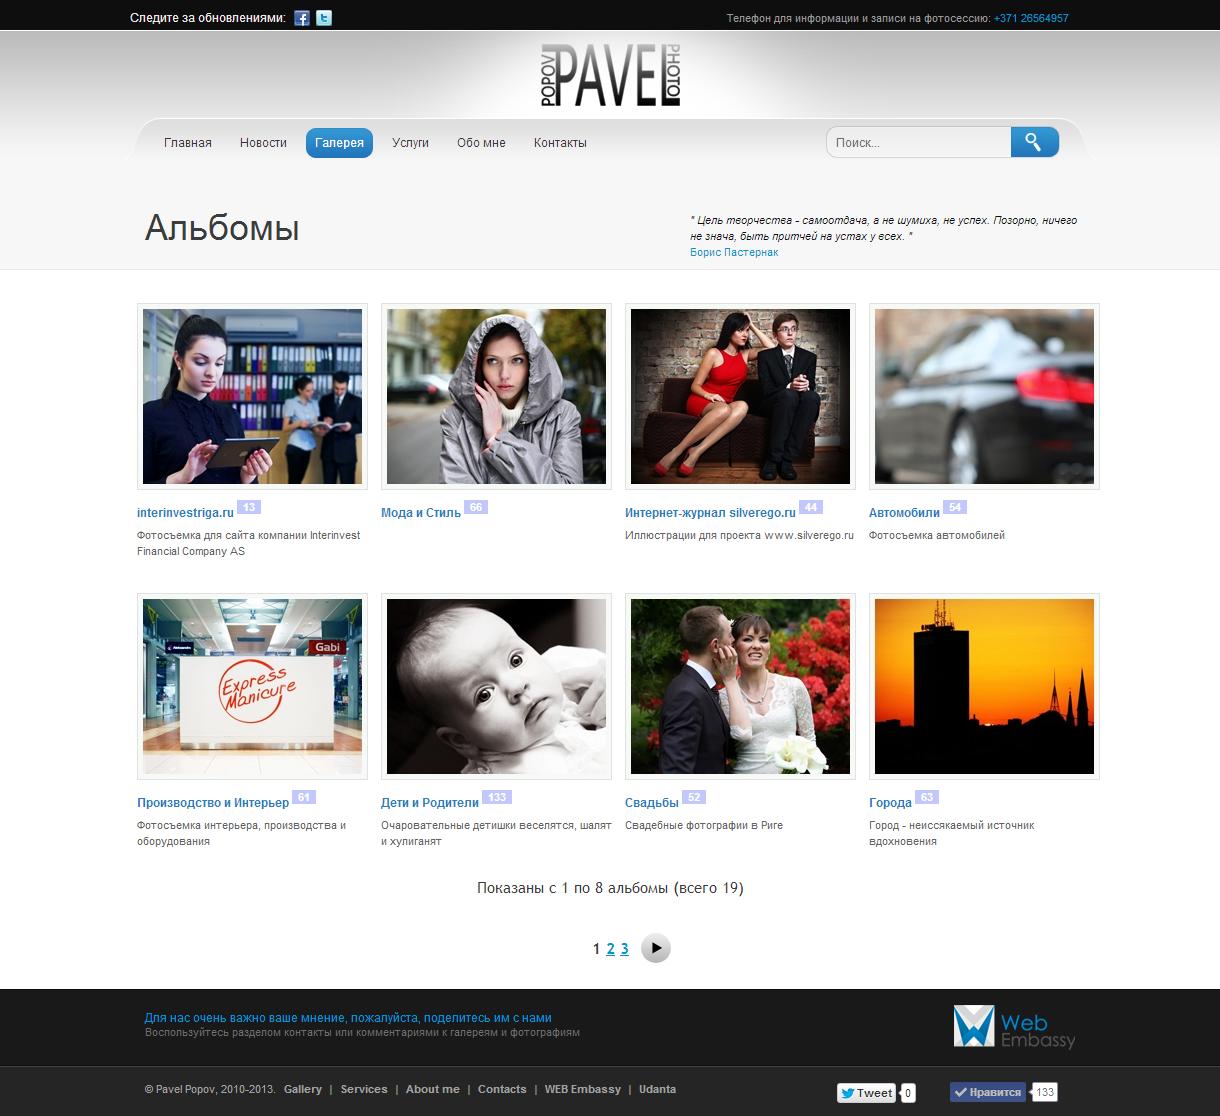 Создание веб-сайта - визитки с фотогалереей. Разработан веб-дизайн, программная часть, административная панель.